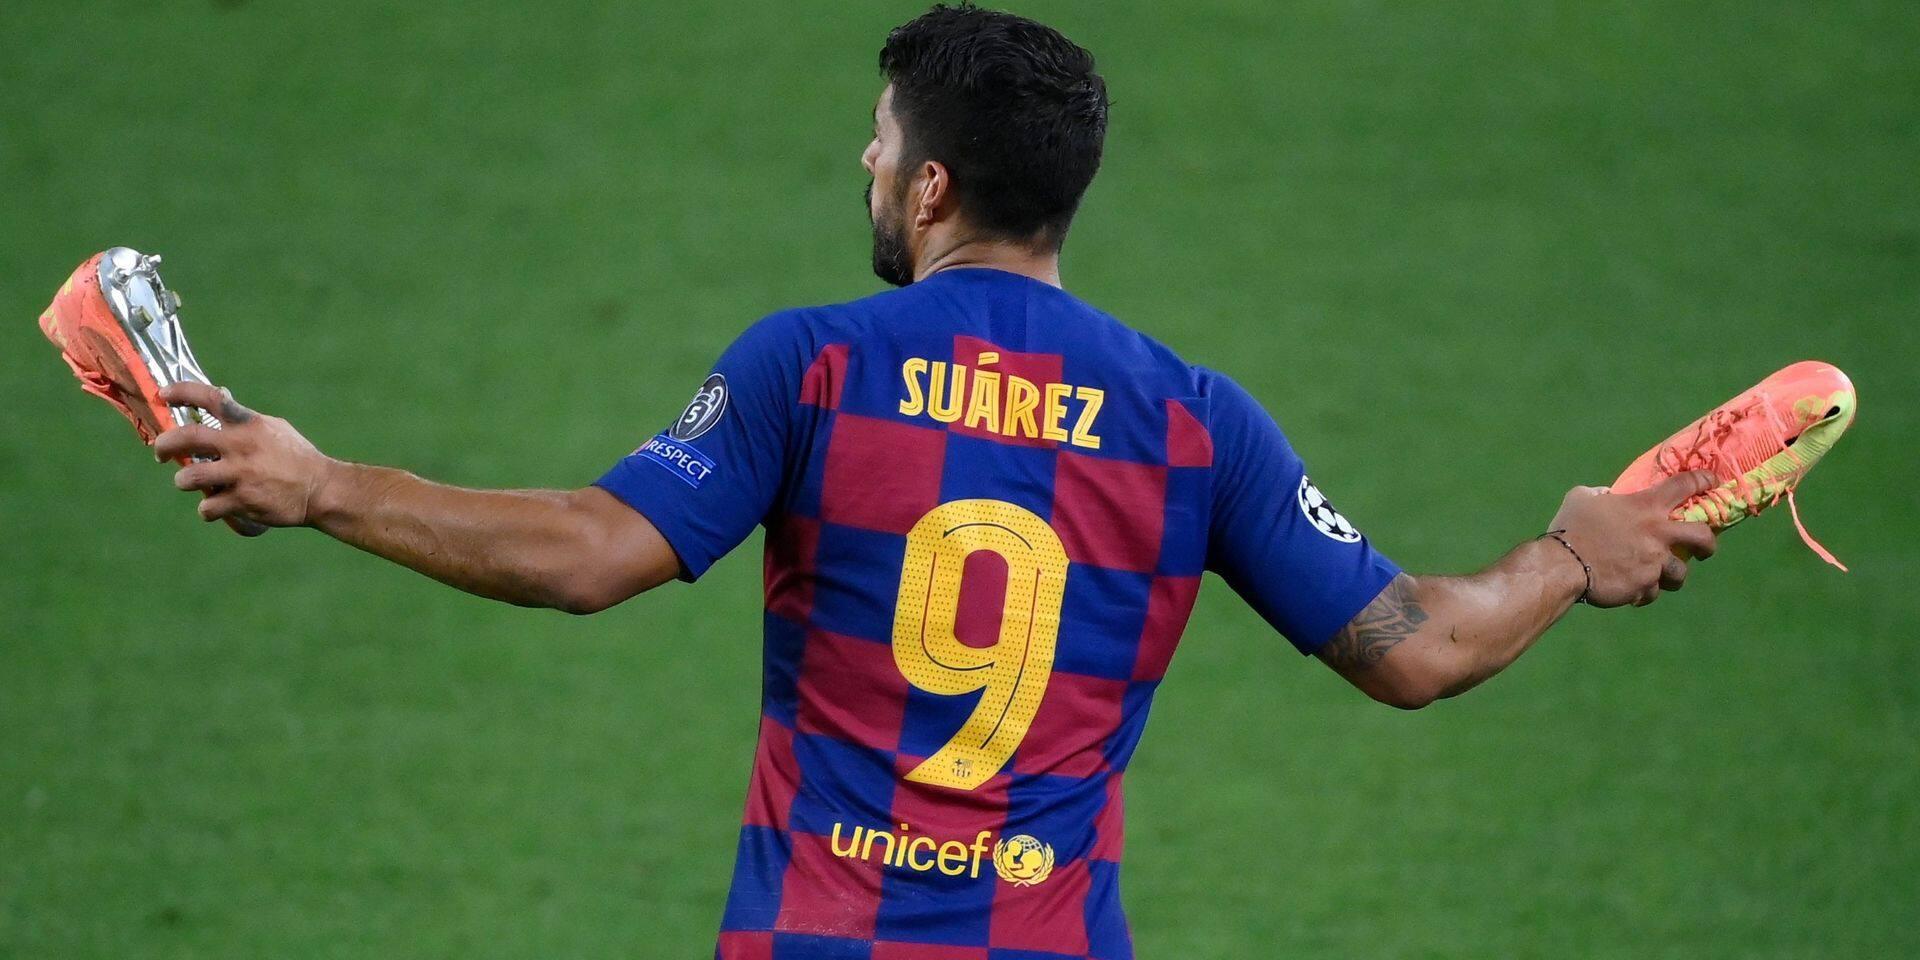 L'Atletico Madrid annonce l'arrivée de Luis Suarez, le dégraissage continue au Barça